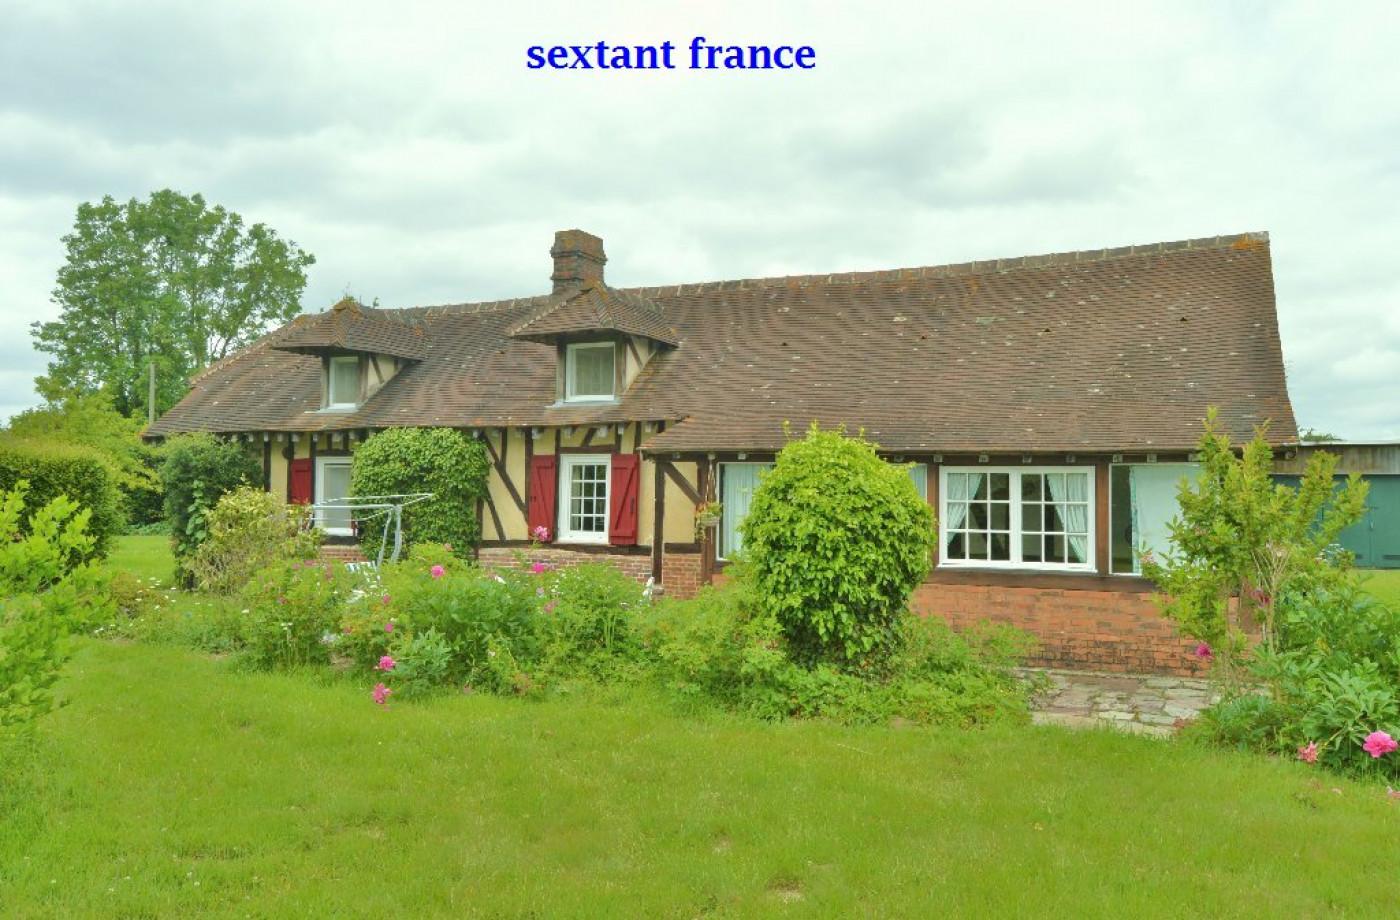 A vendre  Vimoutiers | Réf 7501170669 - Sextant france